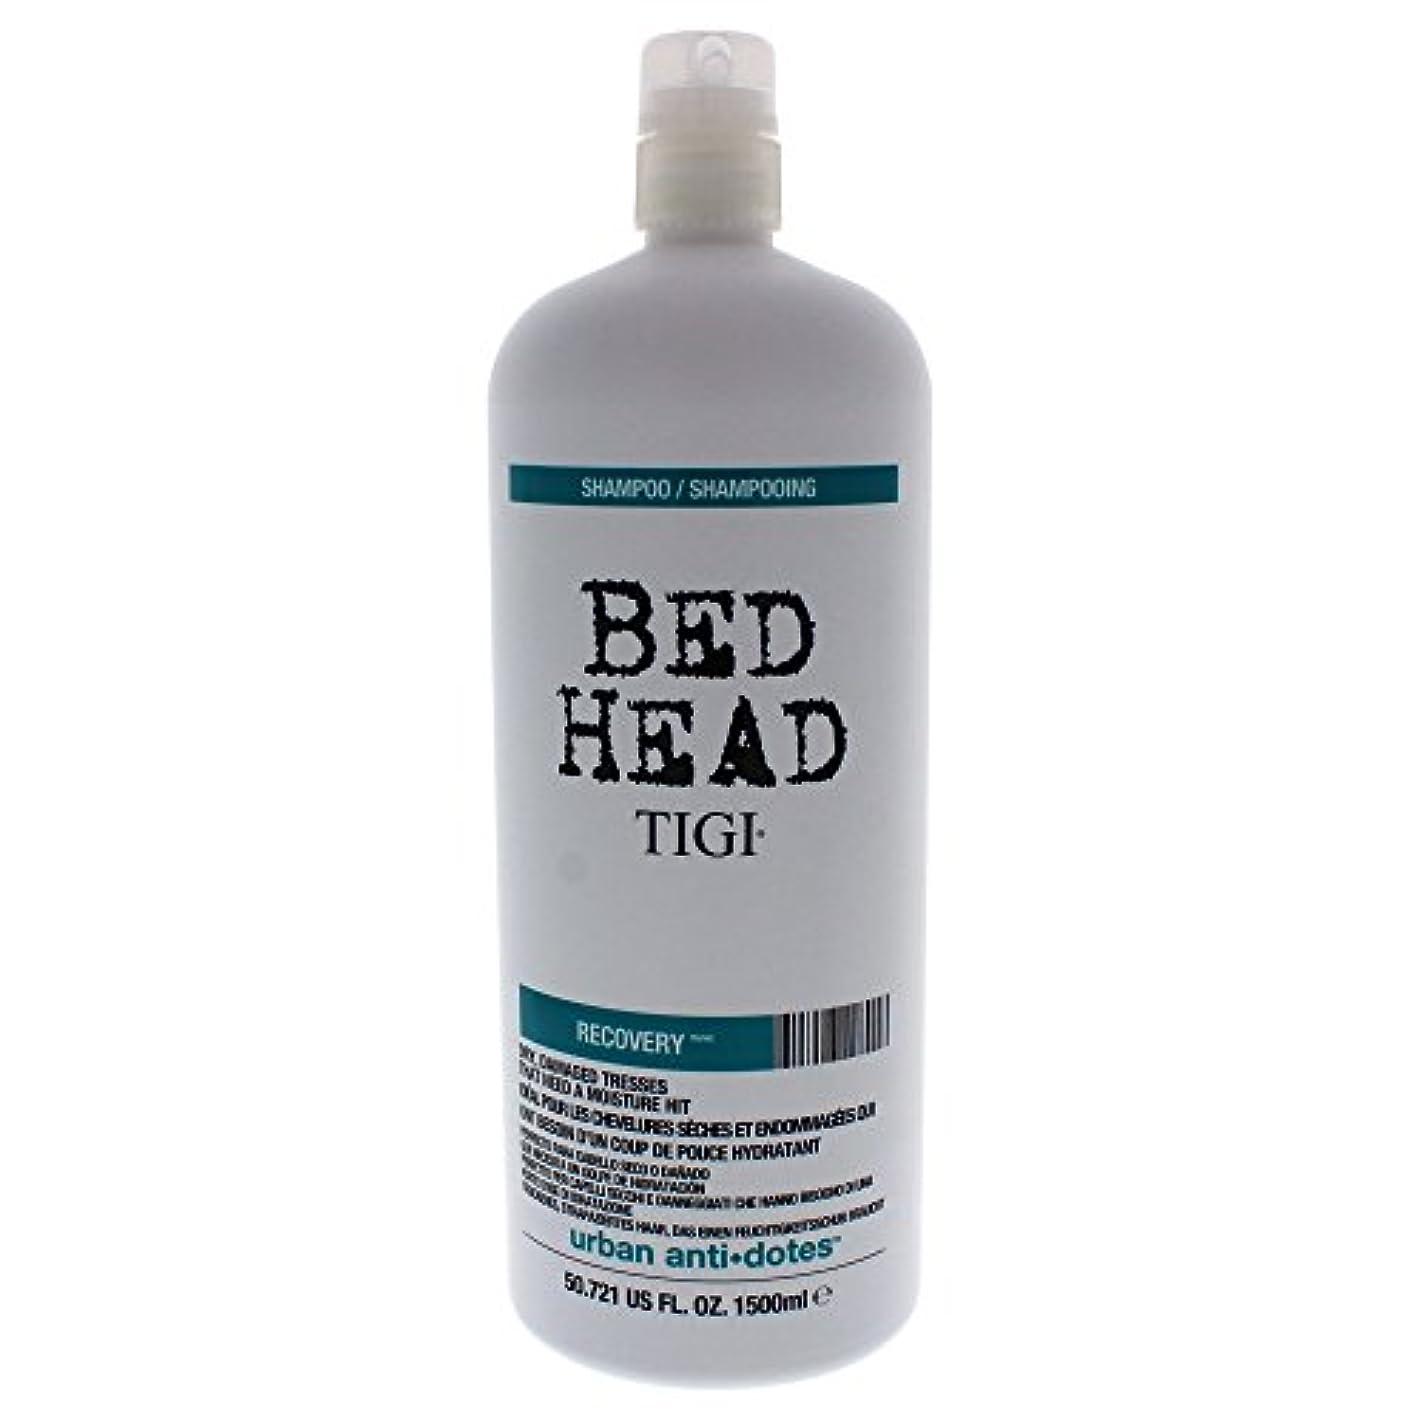 合理的引き出す不承認Bed Head Urban Antidotes Recovery Shampoo